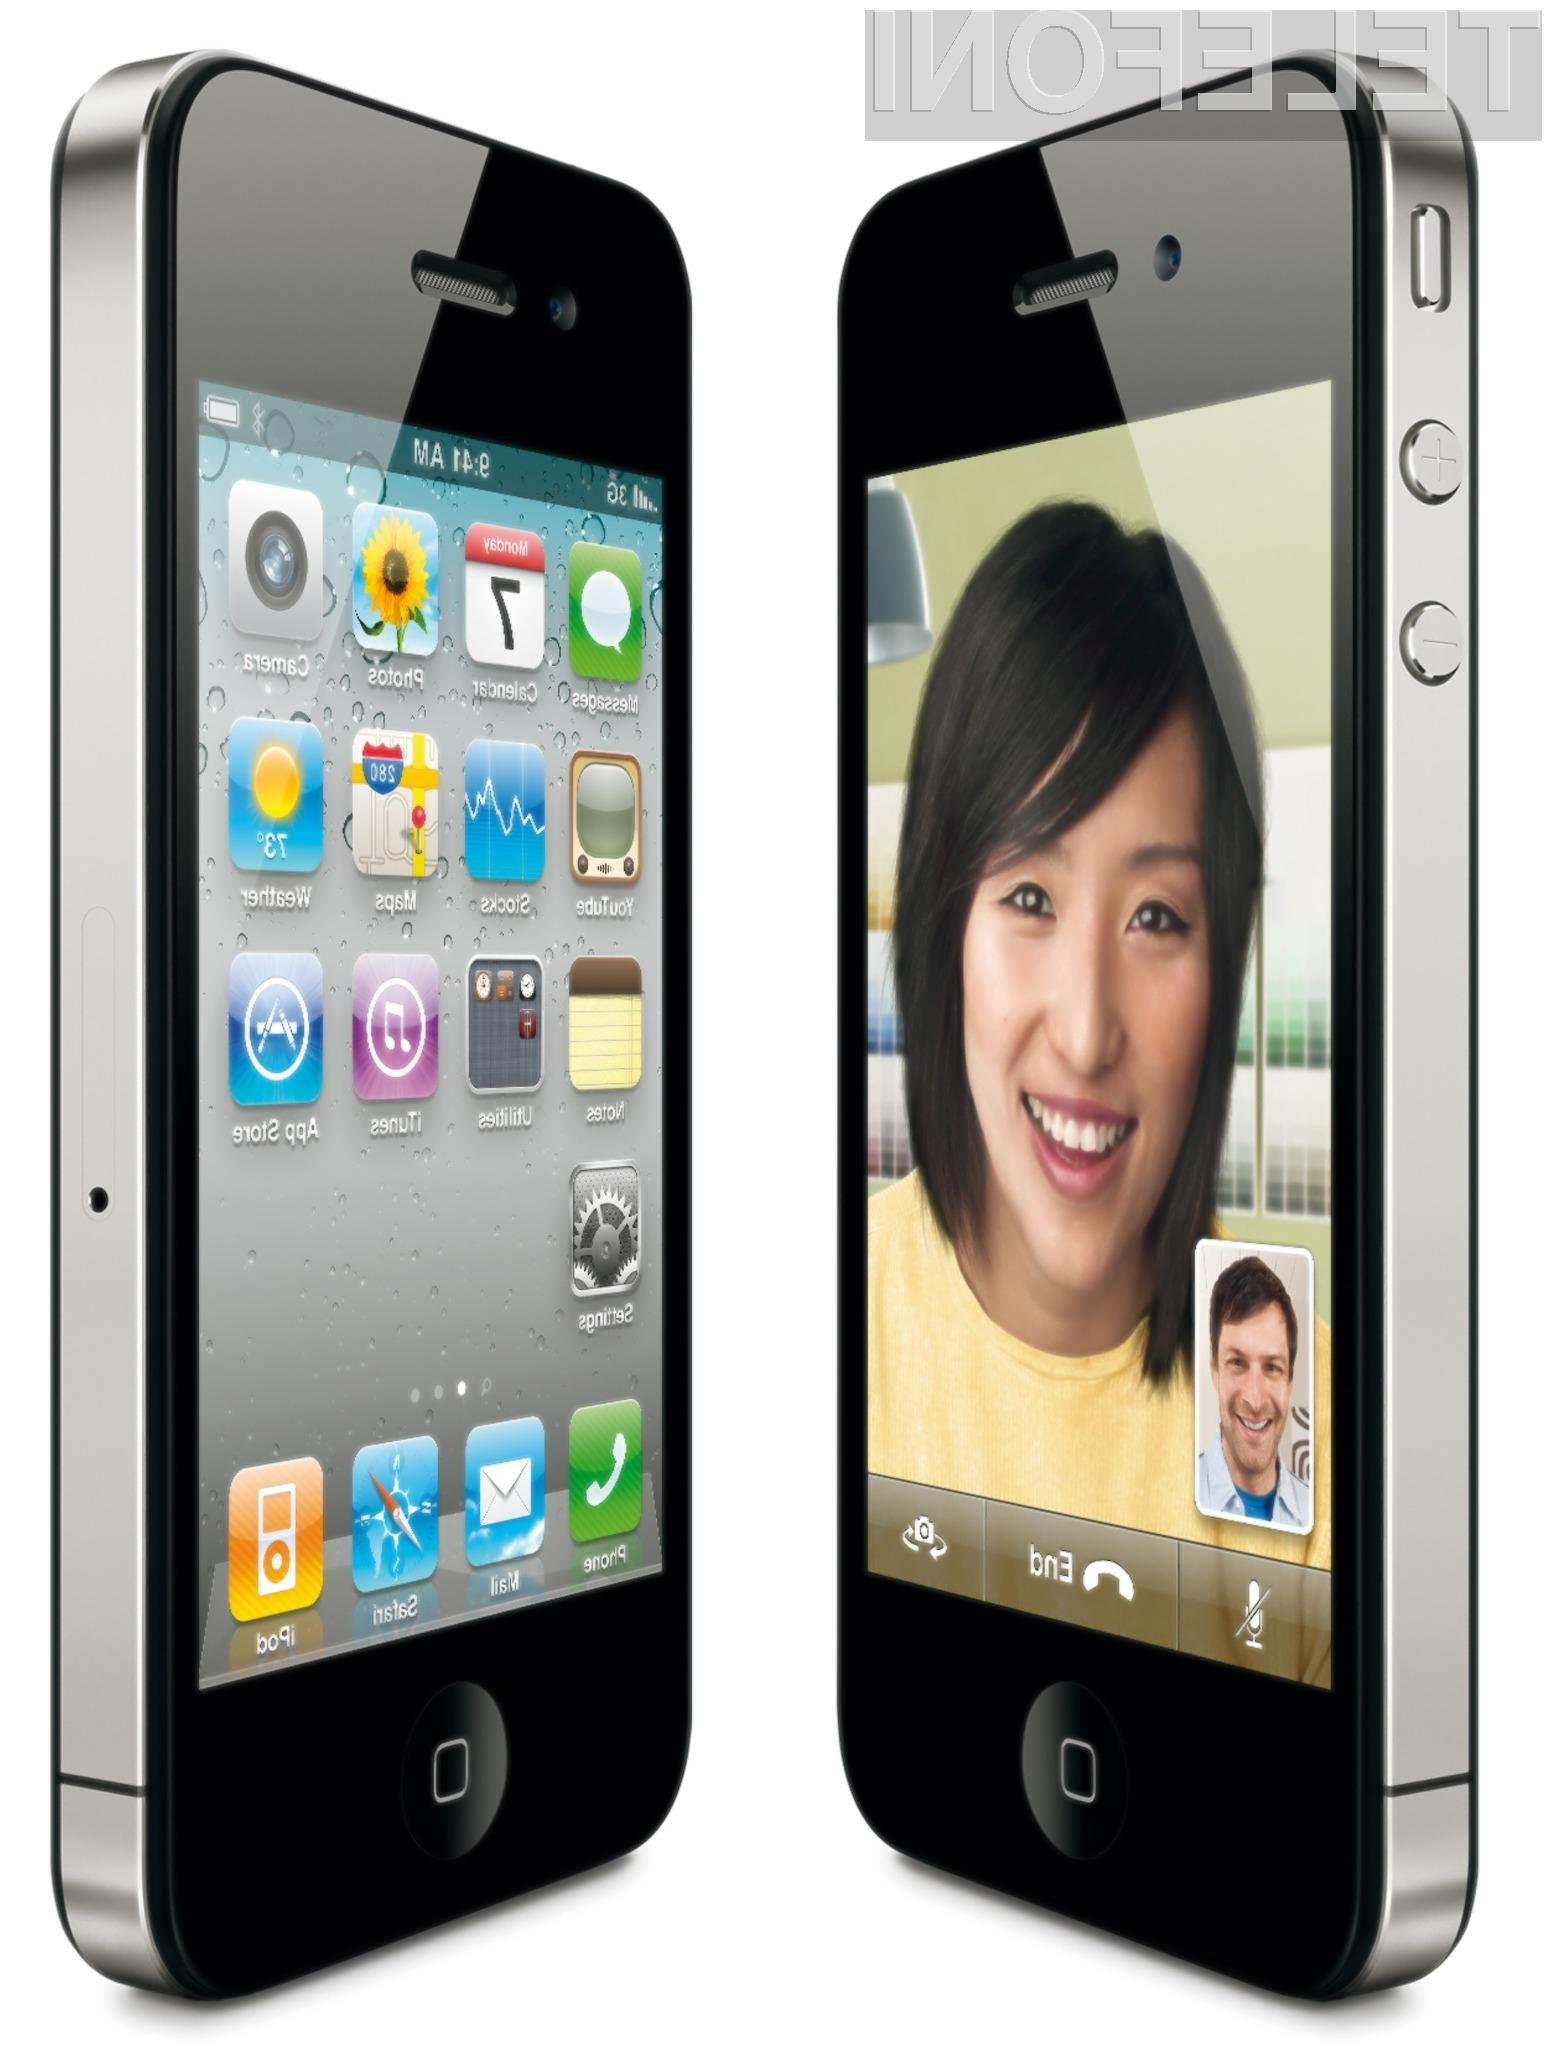 Mobilnik iPhone 4 je ponudil še enkrat več pik na palec kot njegov predhodnik.